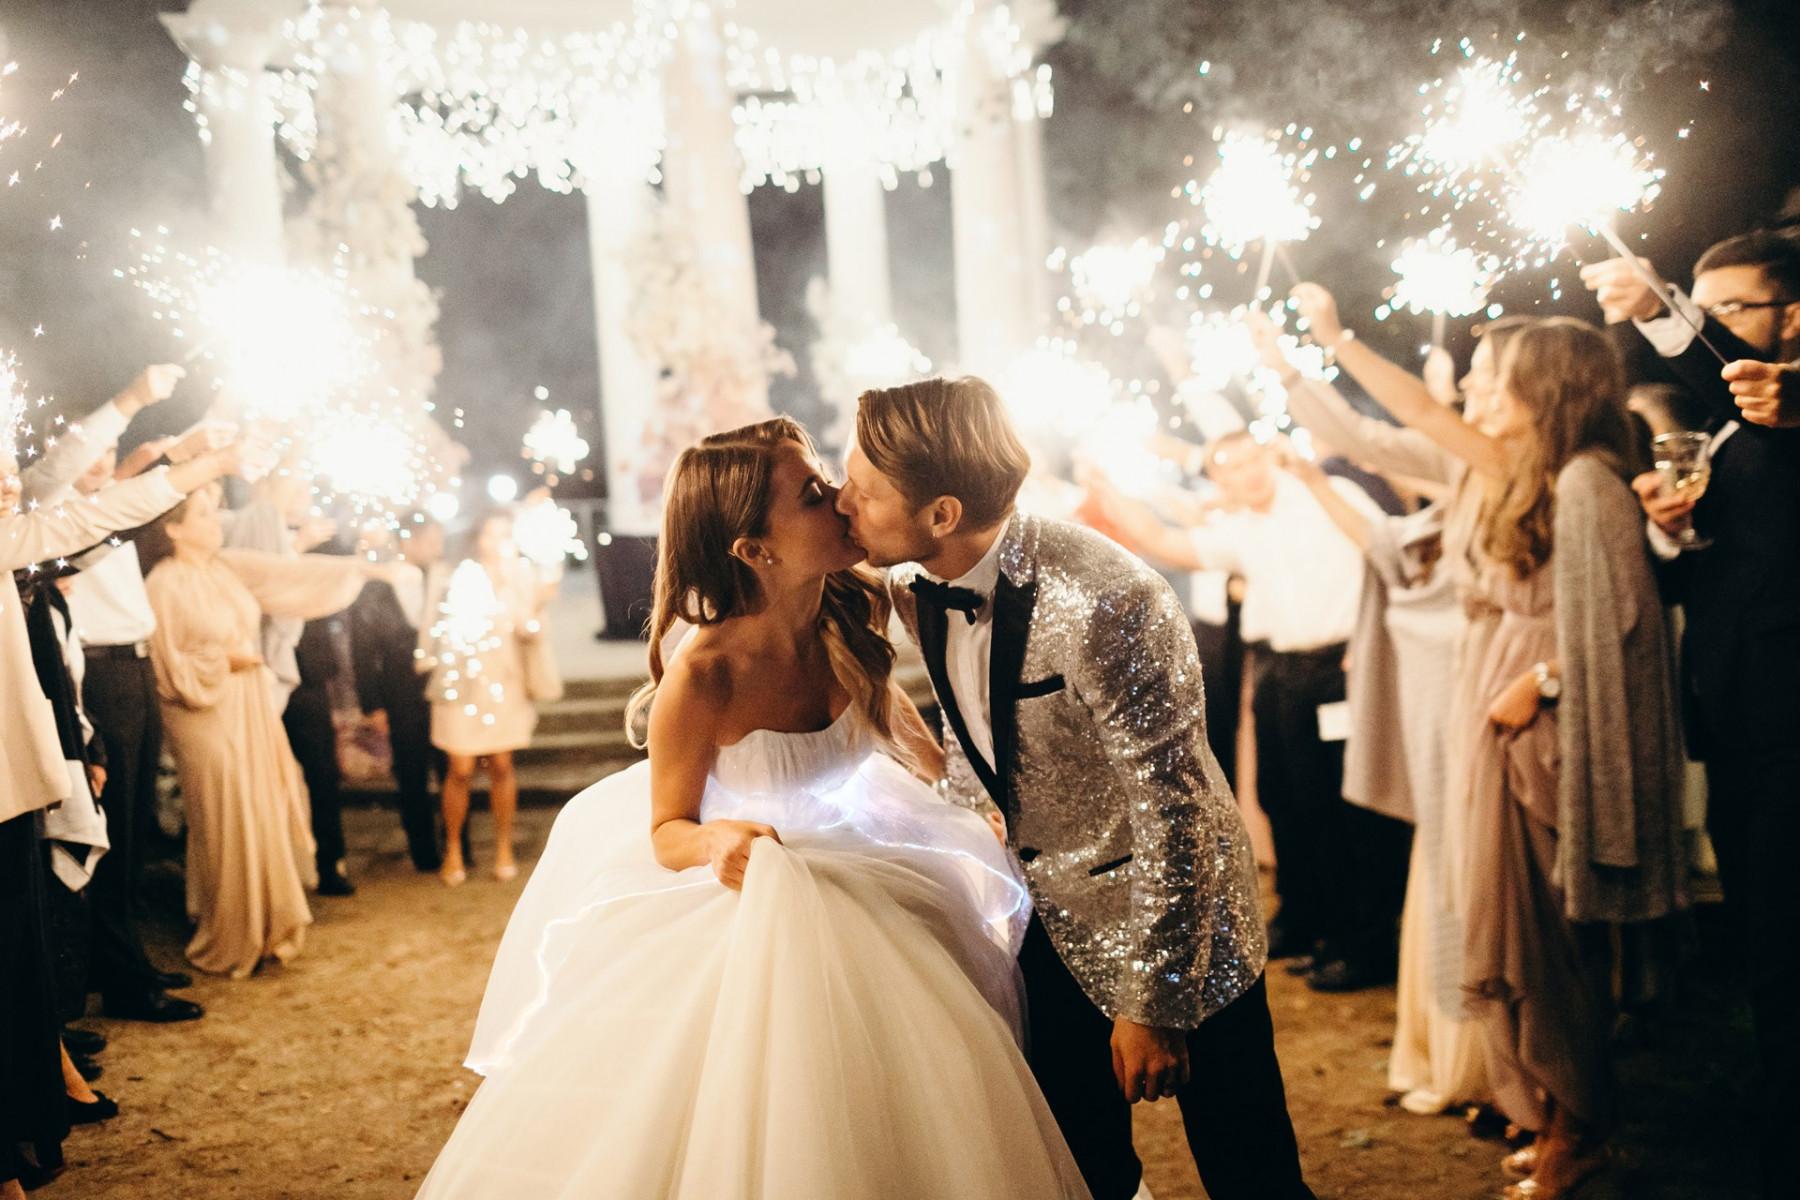 Плейлист для шумной свадебной вечеринки